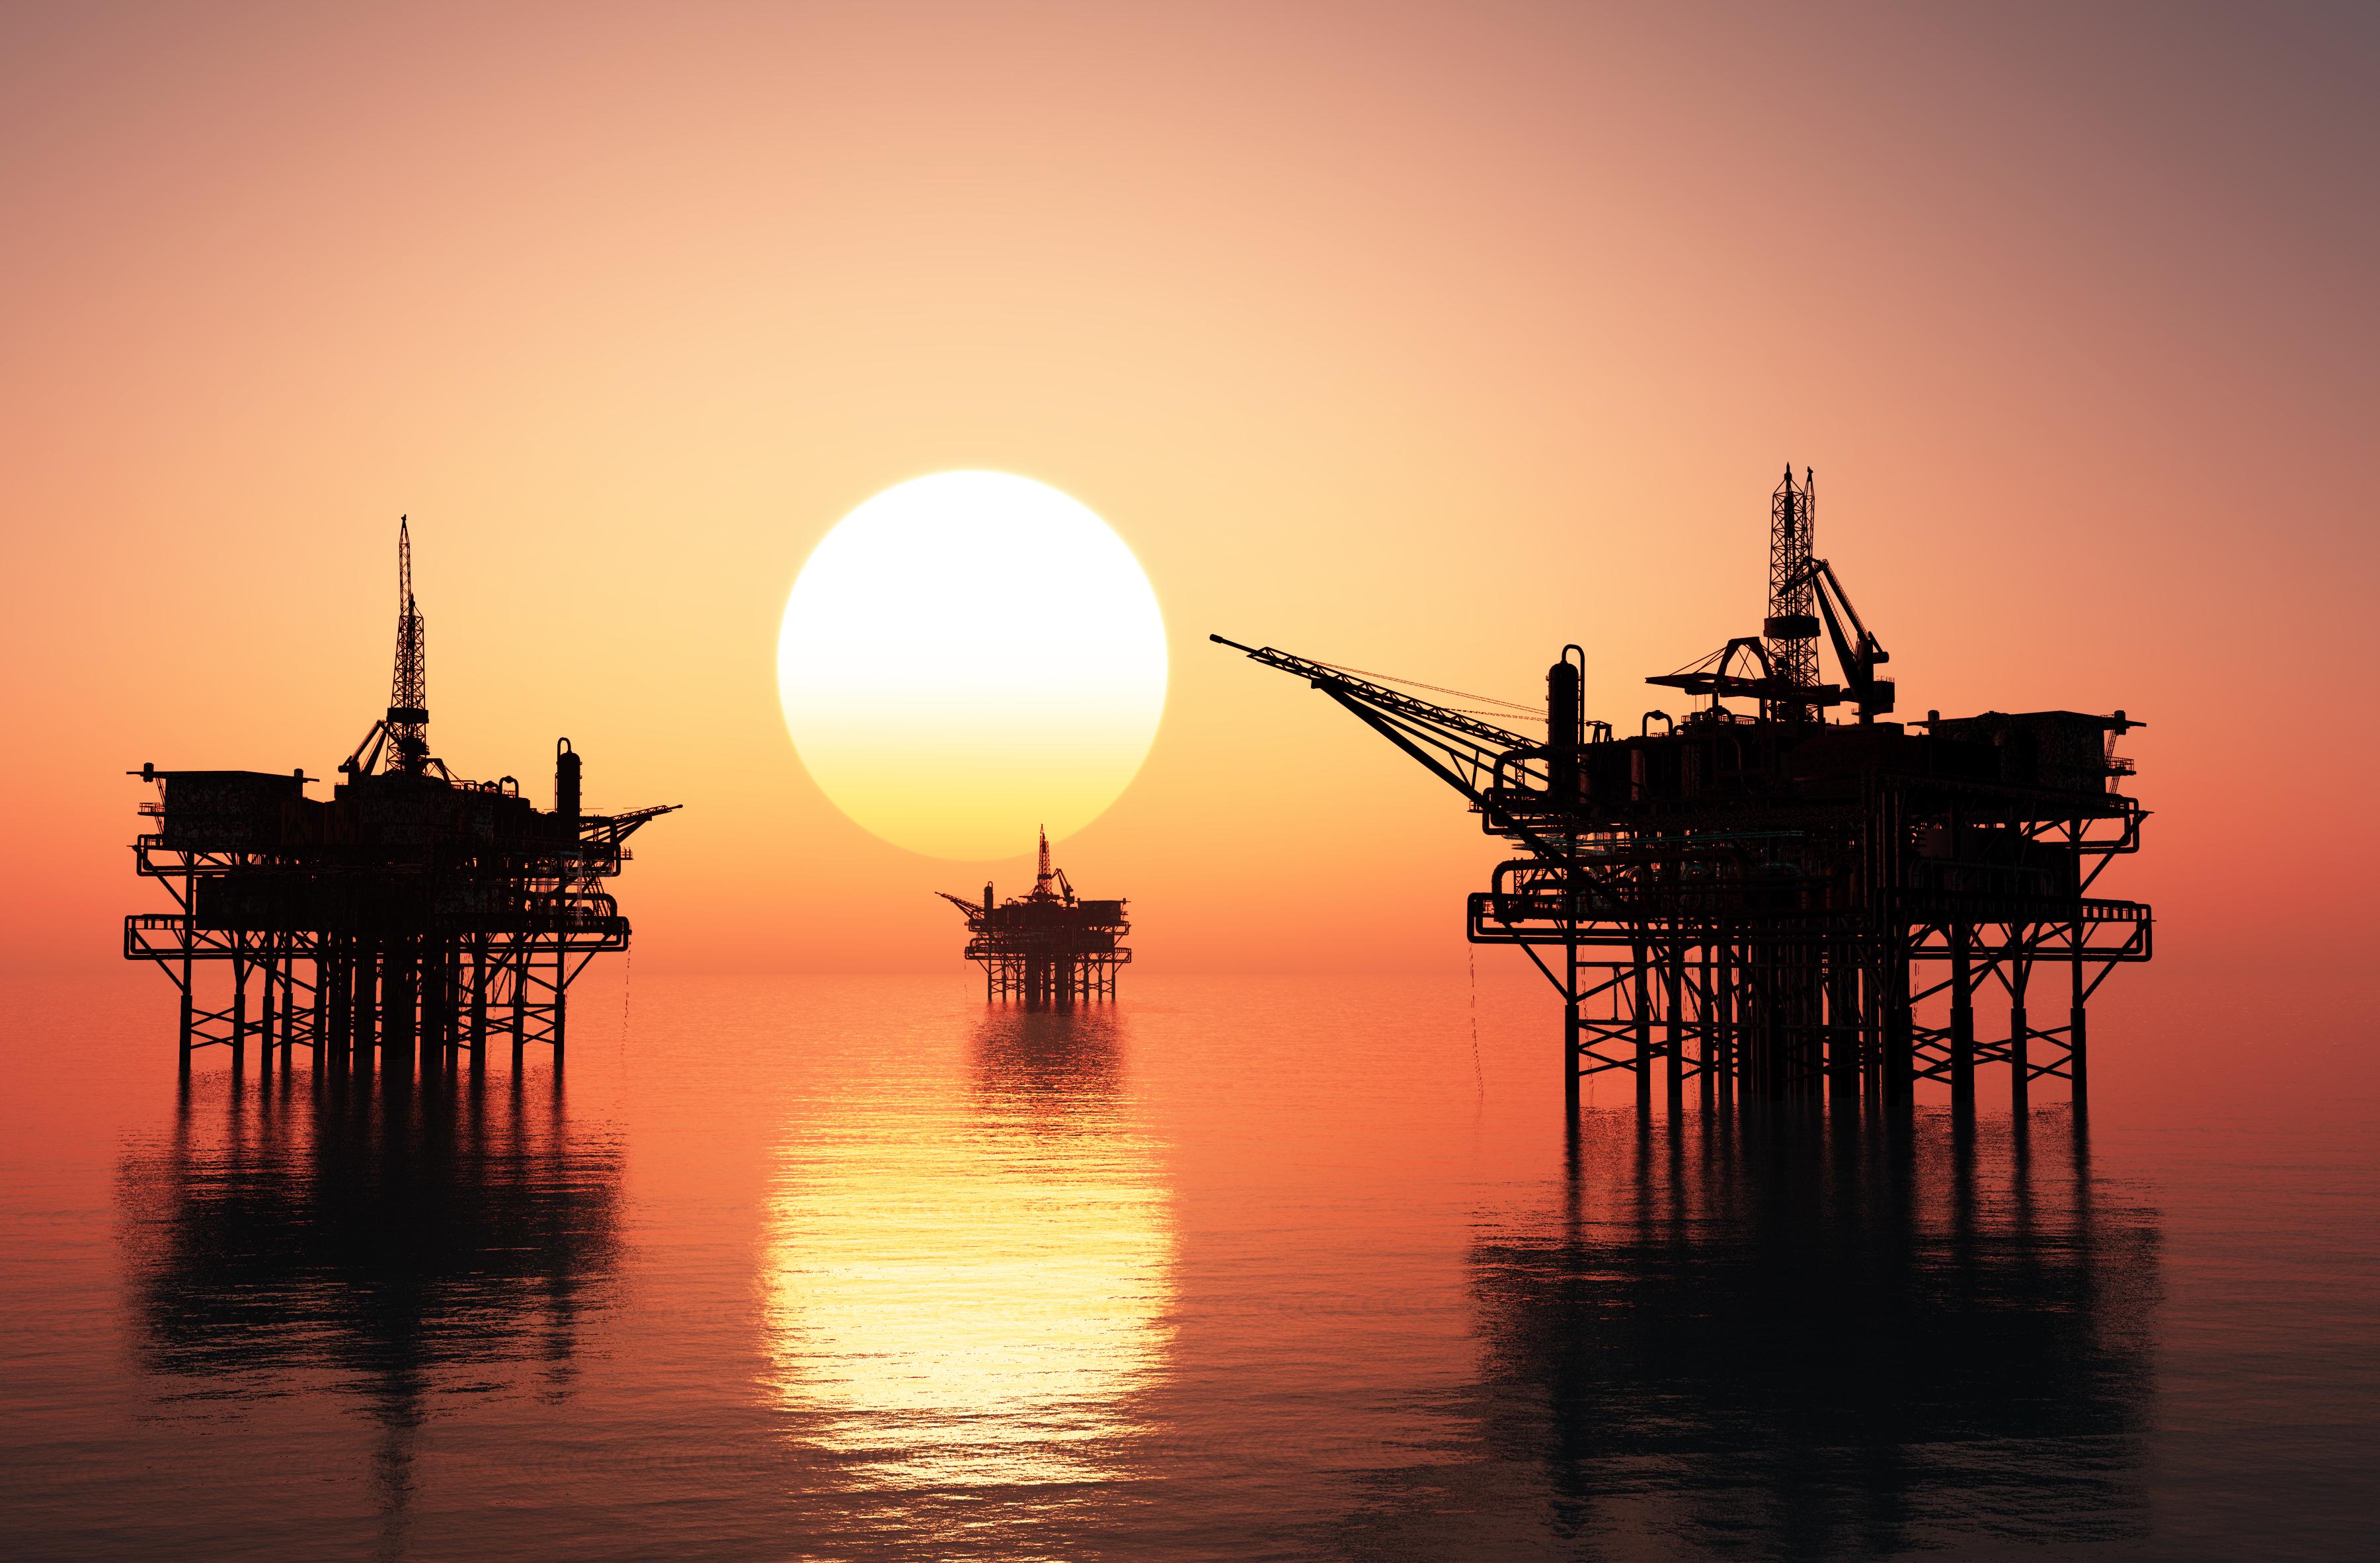 Petrolio Wti a Usd 68,12 al barile